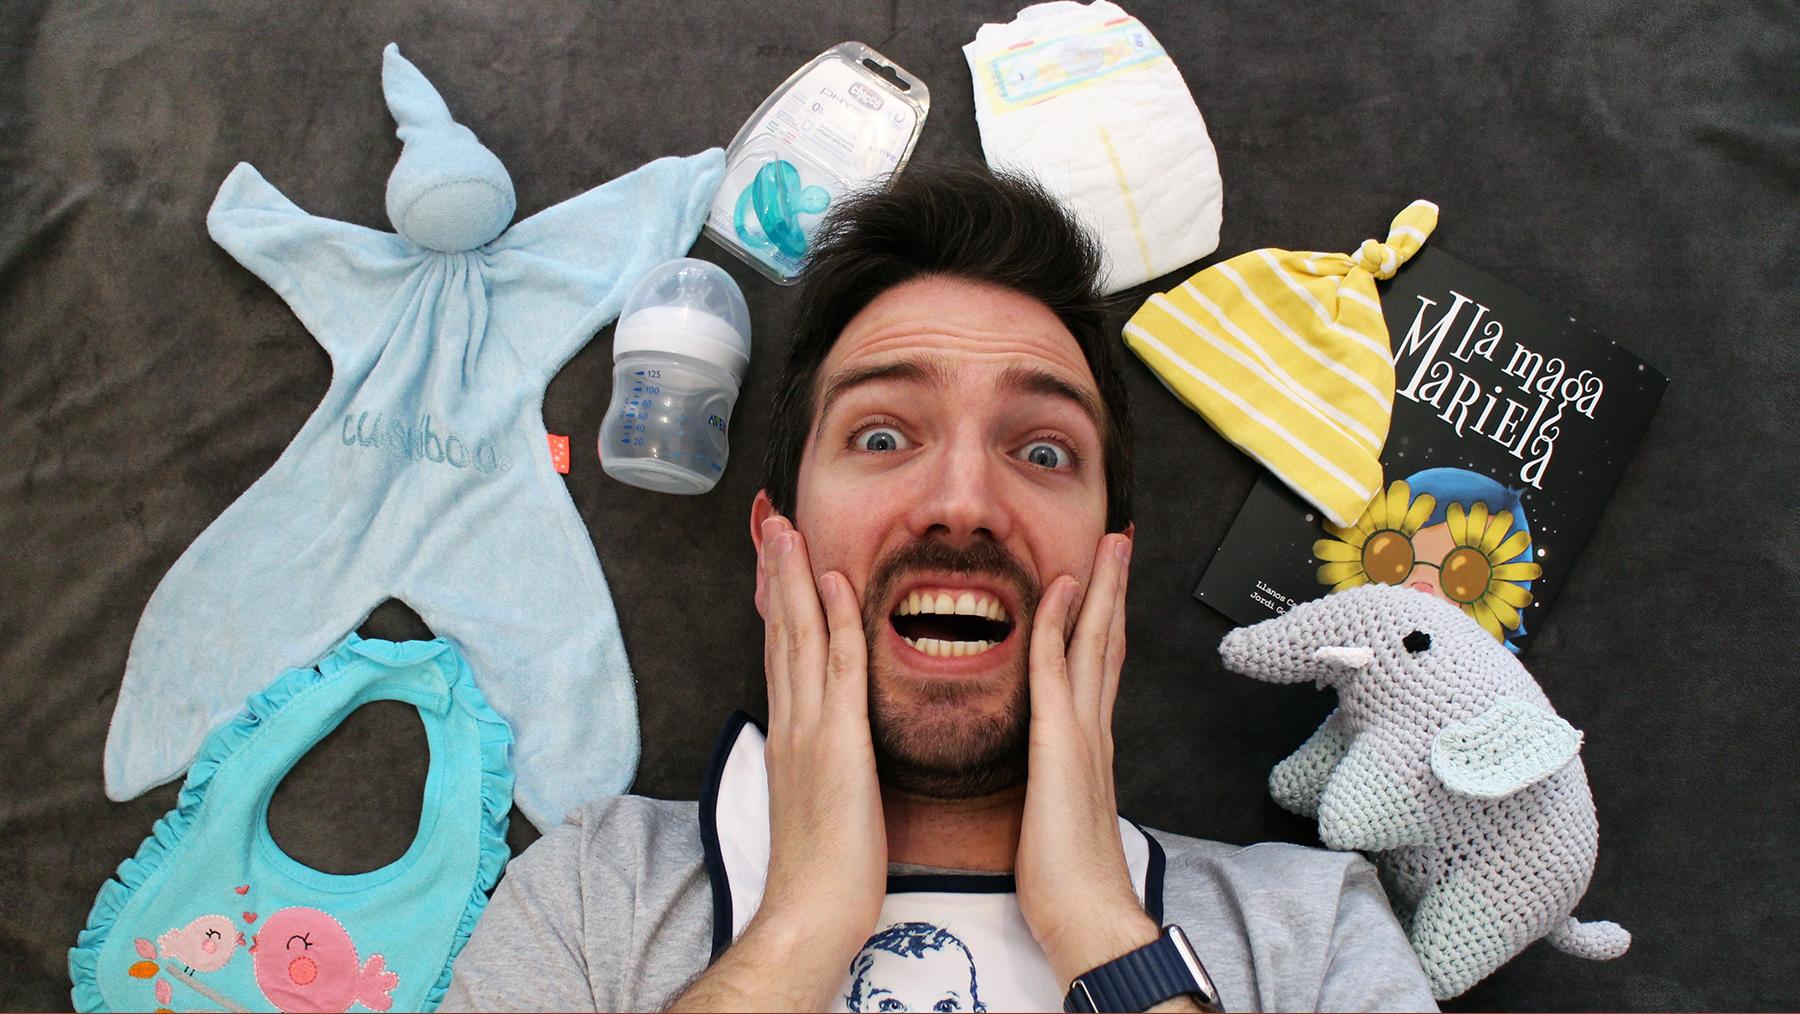 La cara que se te queda cuando te dicen que vas a ser padre y no estás preparado